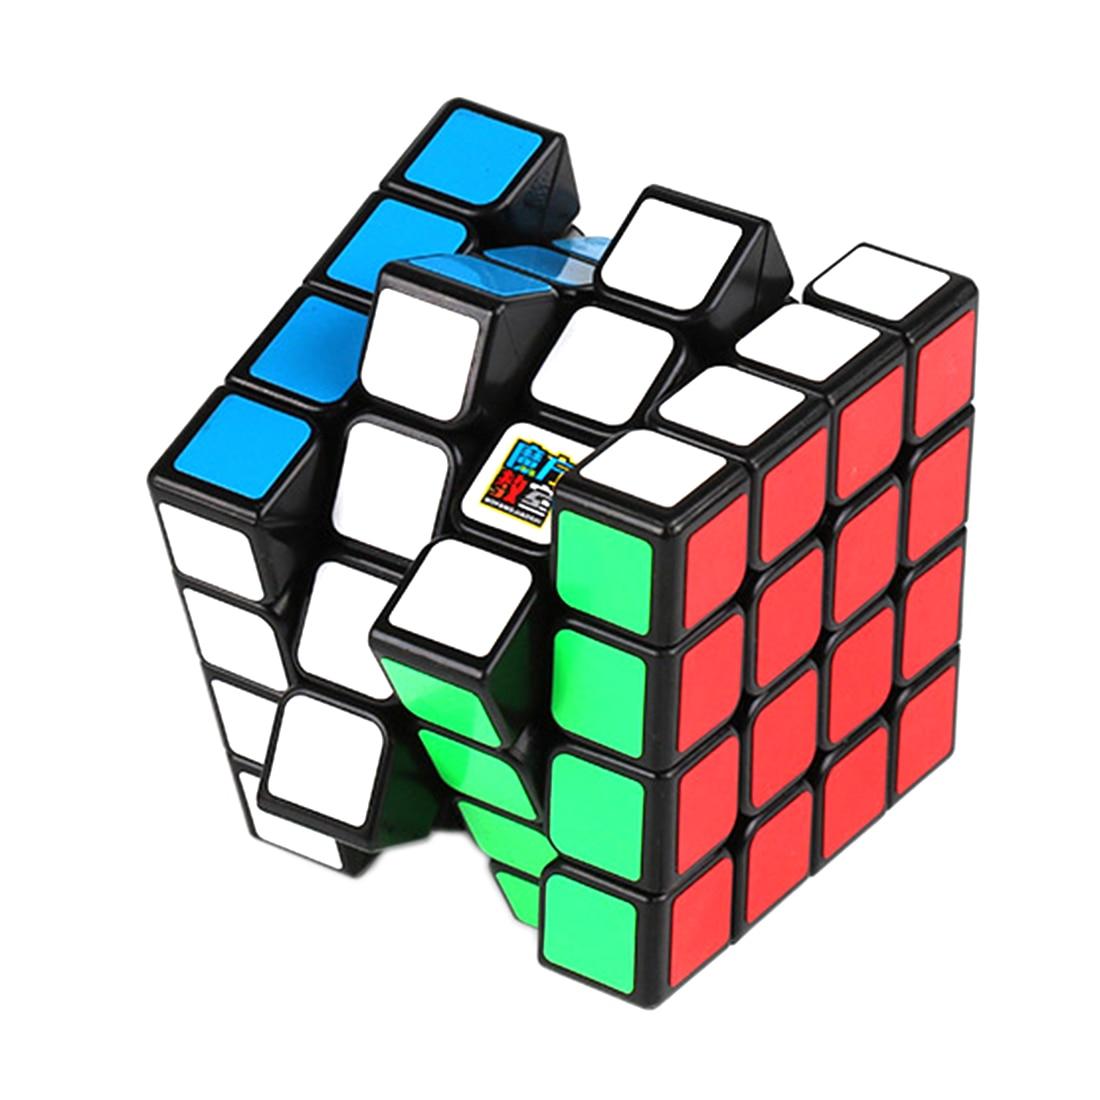 Mofangjiaoshi MFJS Paquet Ensemble Cadeau Cube Cubage Classe 2-7 Étapes Magie Cube Ensemble avec Emballage Boîte-Cadeau pour cerveau Jouets - 3